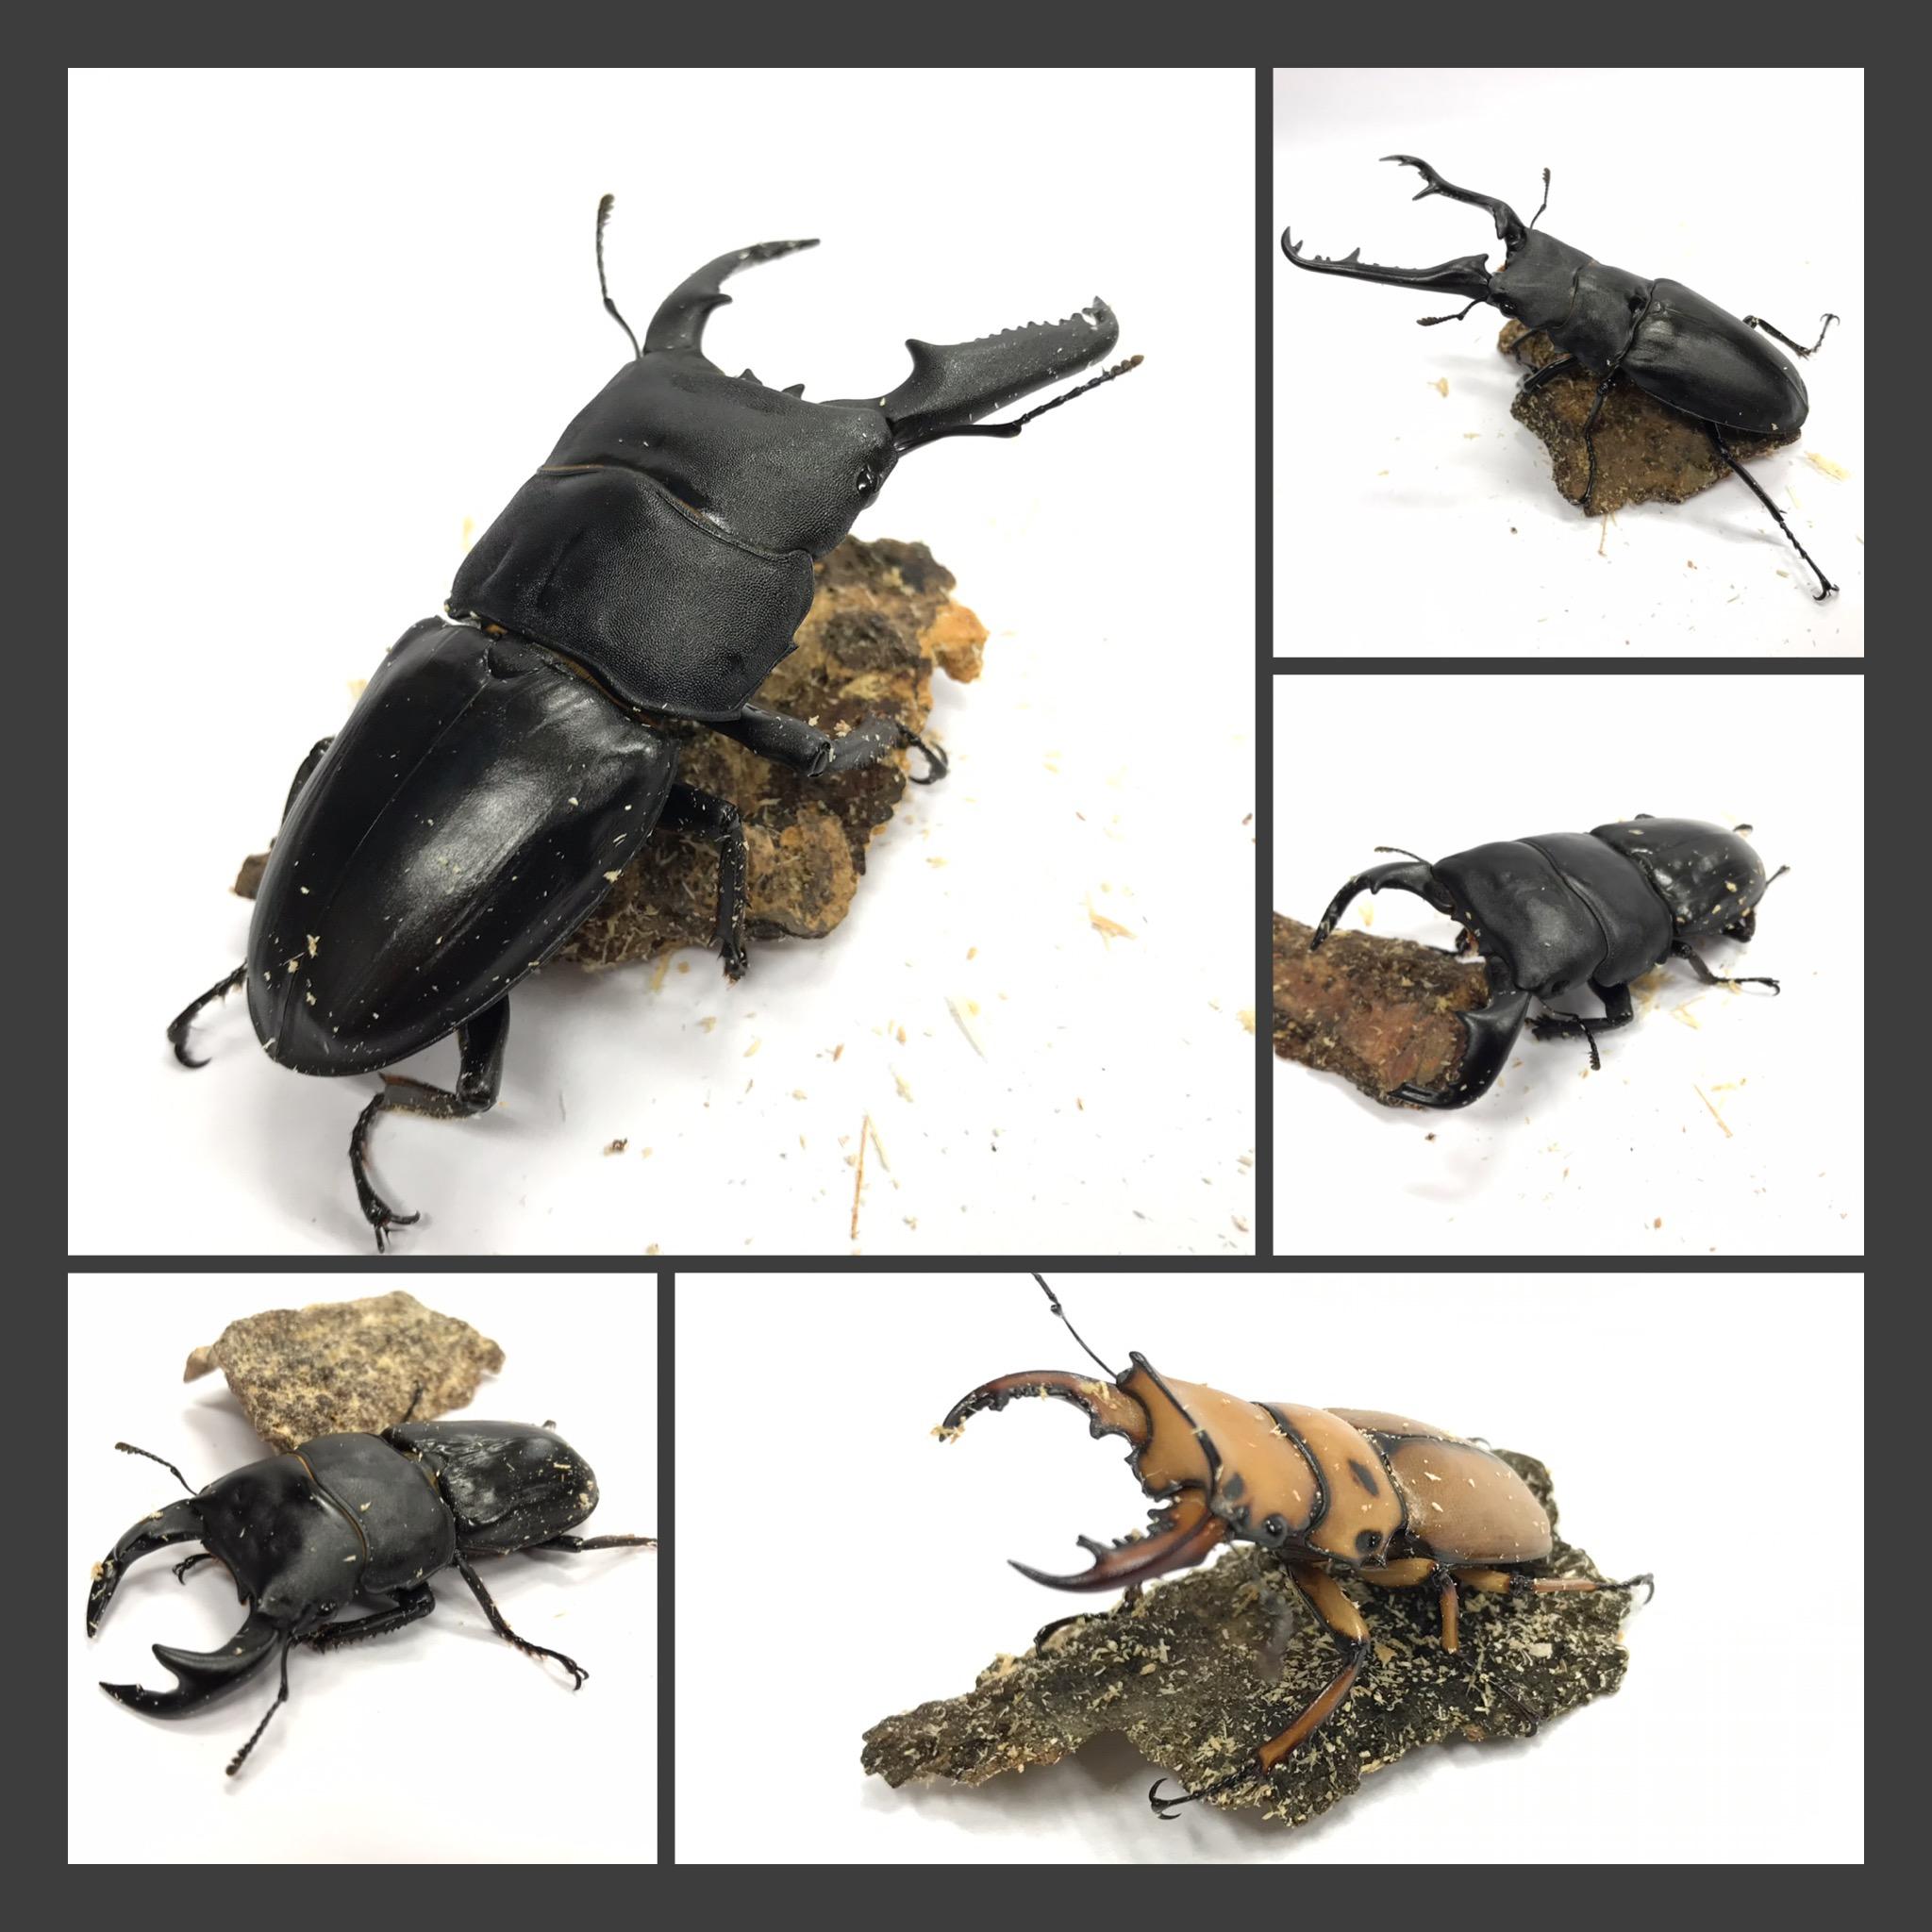 【インター昆虫】さぁさぁ!!そろそろ昆虫の季節でっせ!!